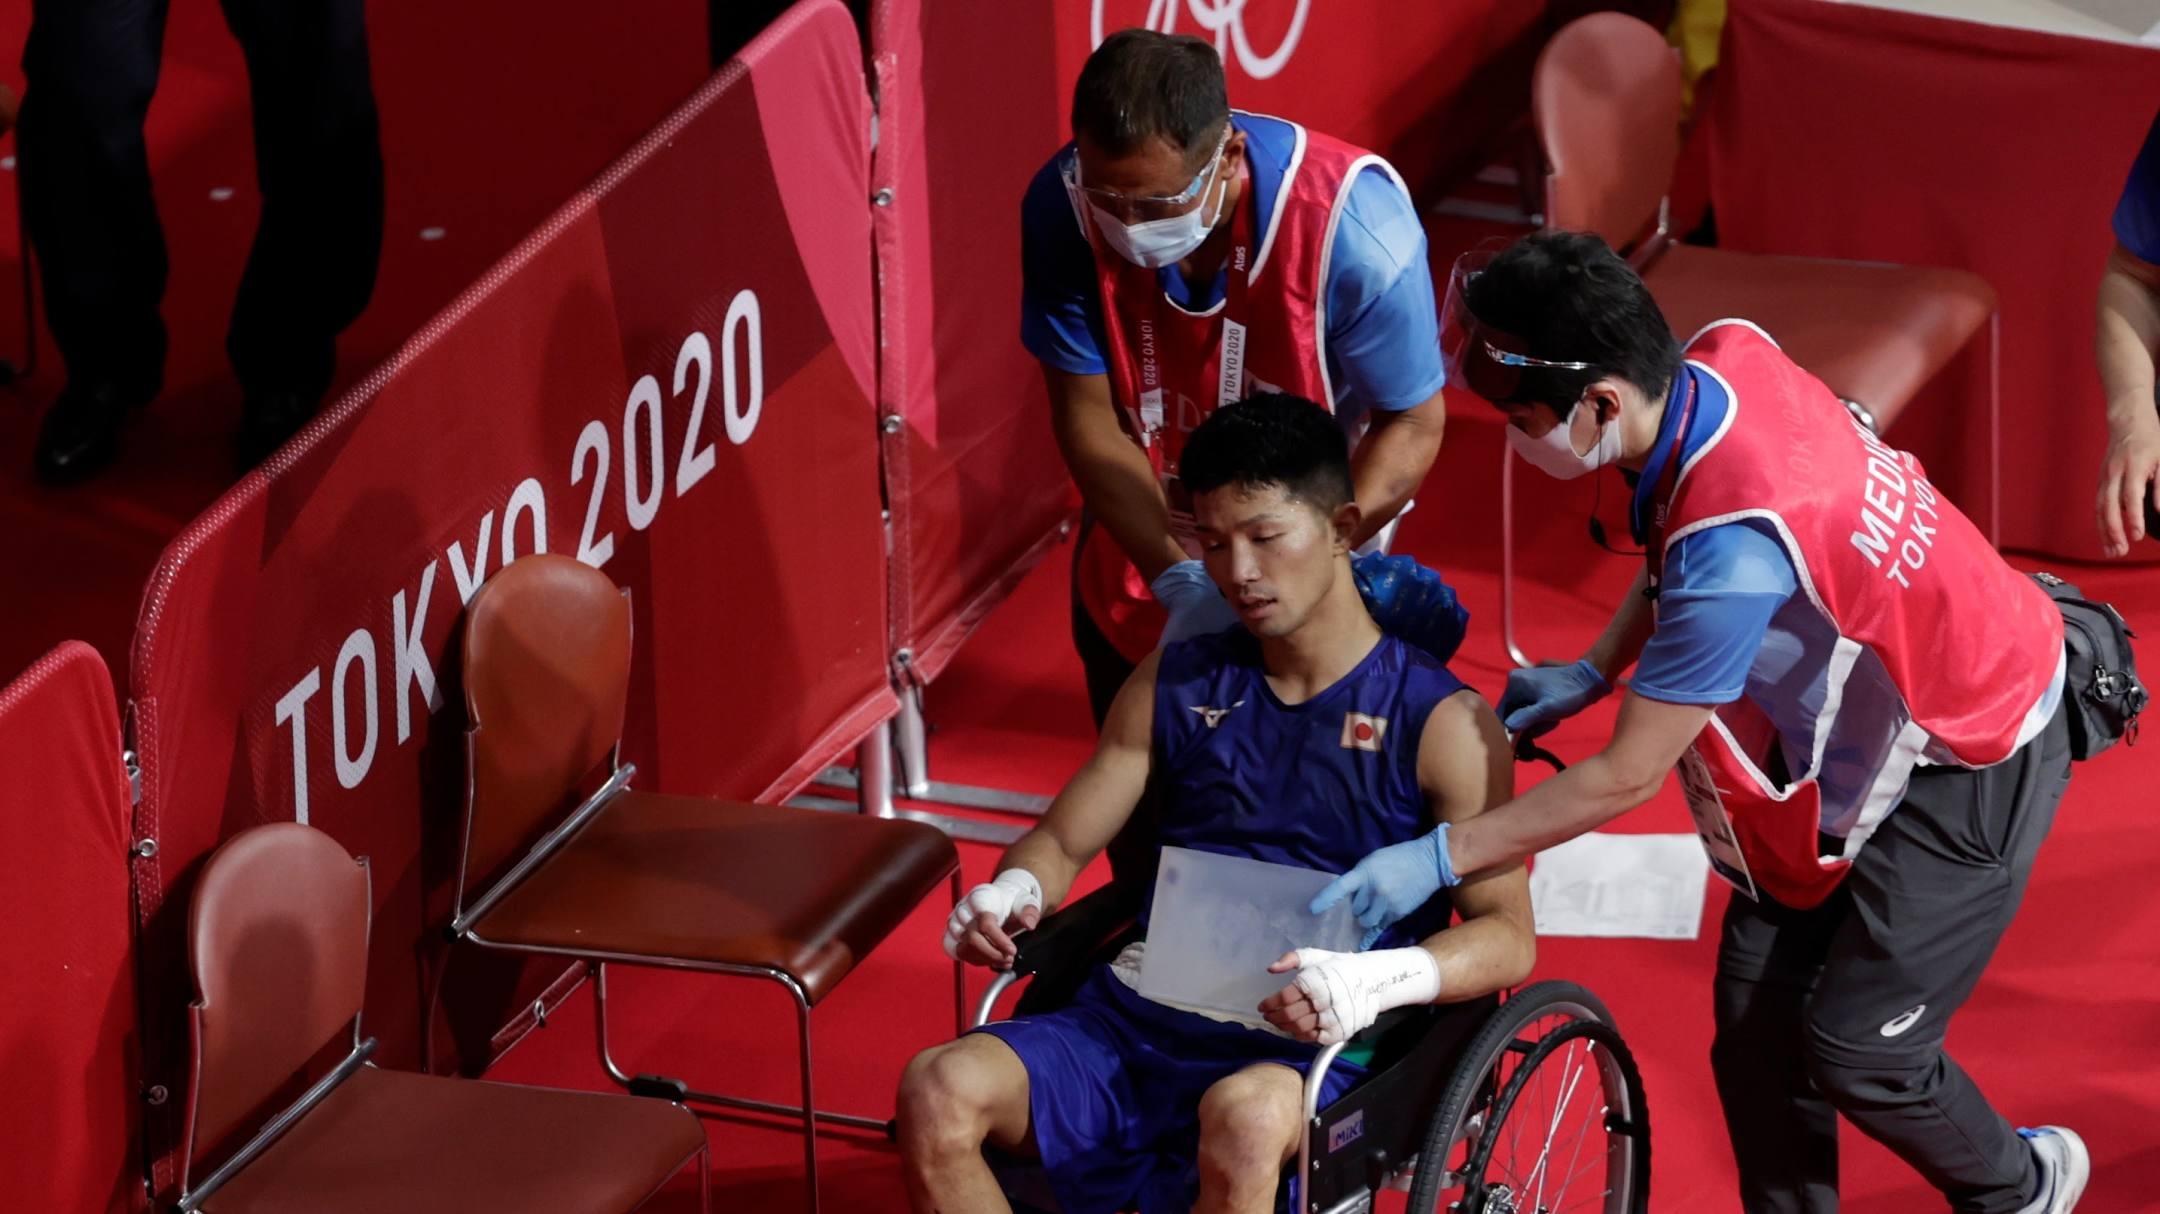 Tanaka harus menggunakan kursi roda untuk meninggalkan area kompetisi.  Foto: Reuters